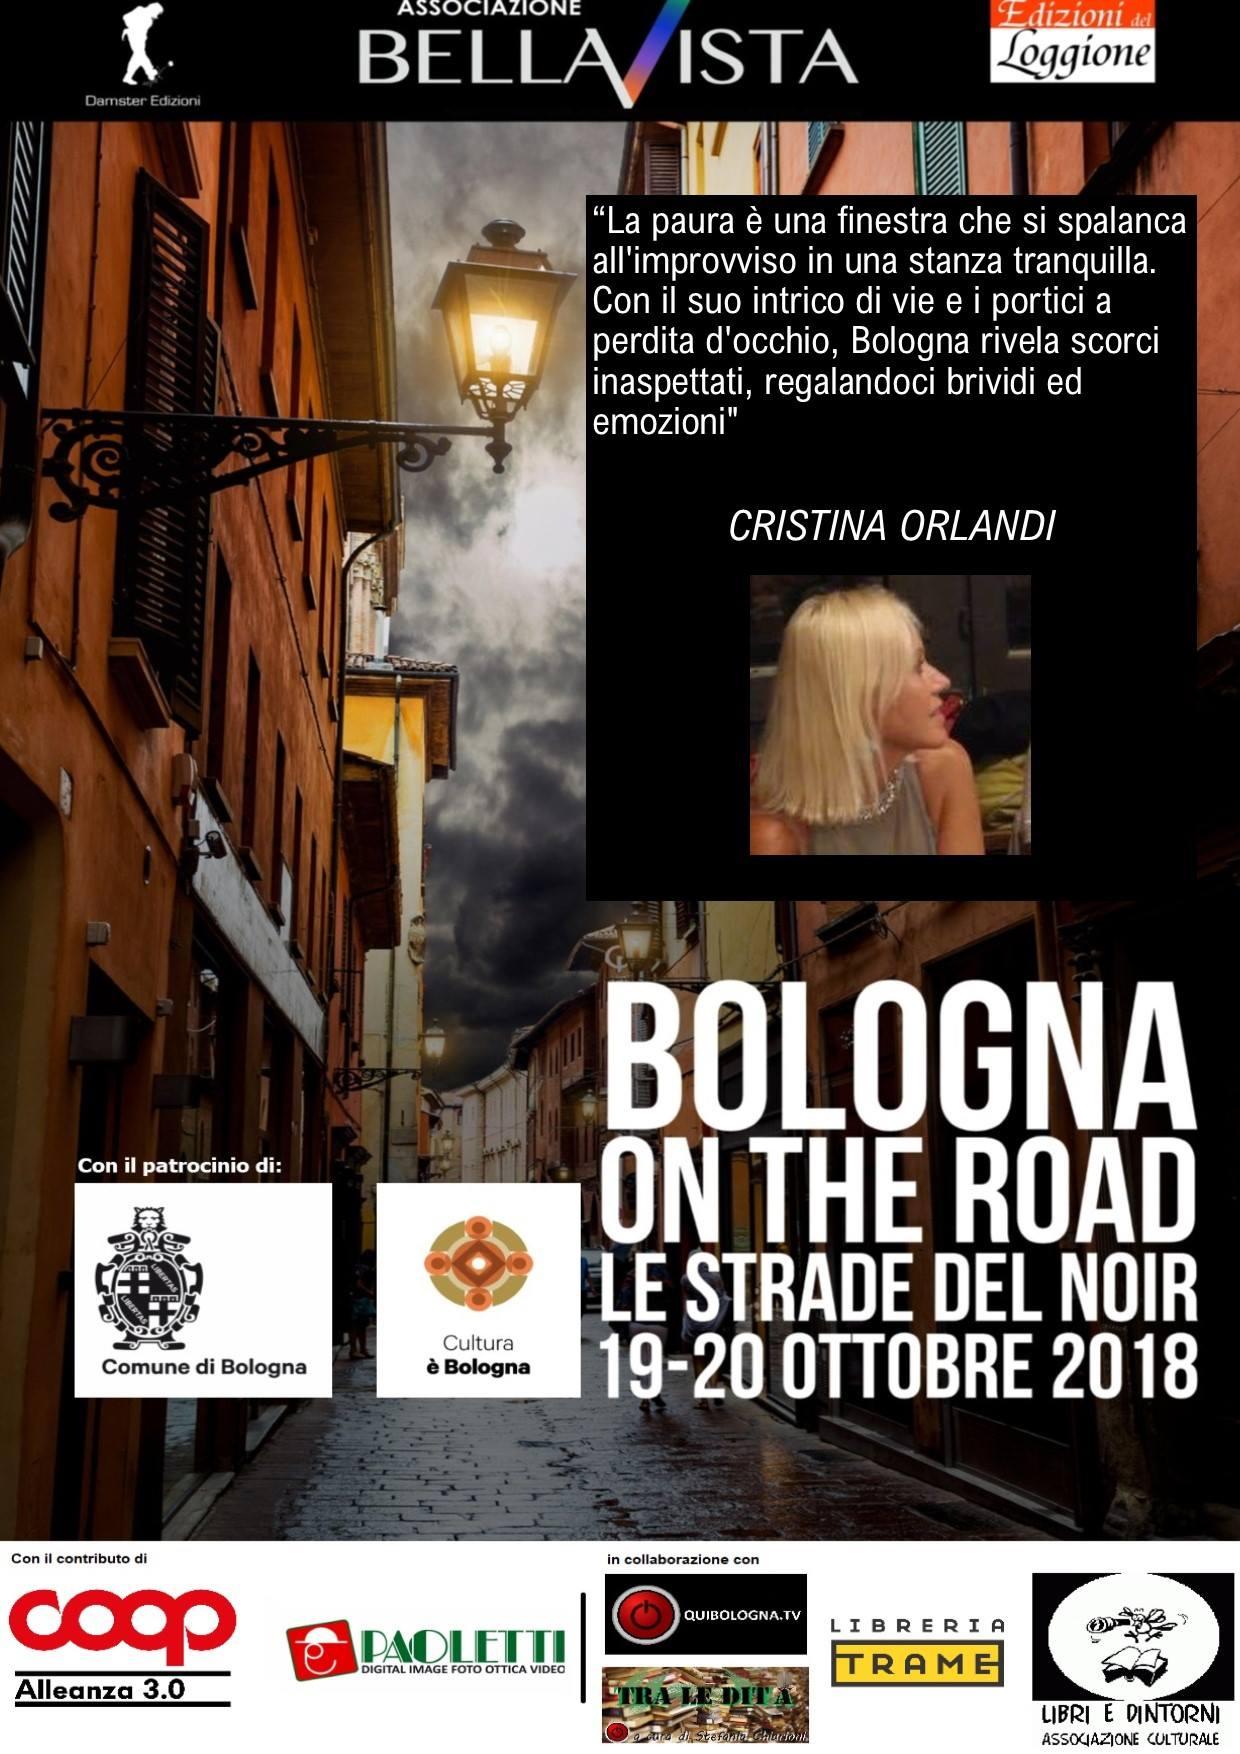 Le strade del noir, Bologna, 20 ottobre 2018